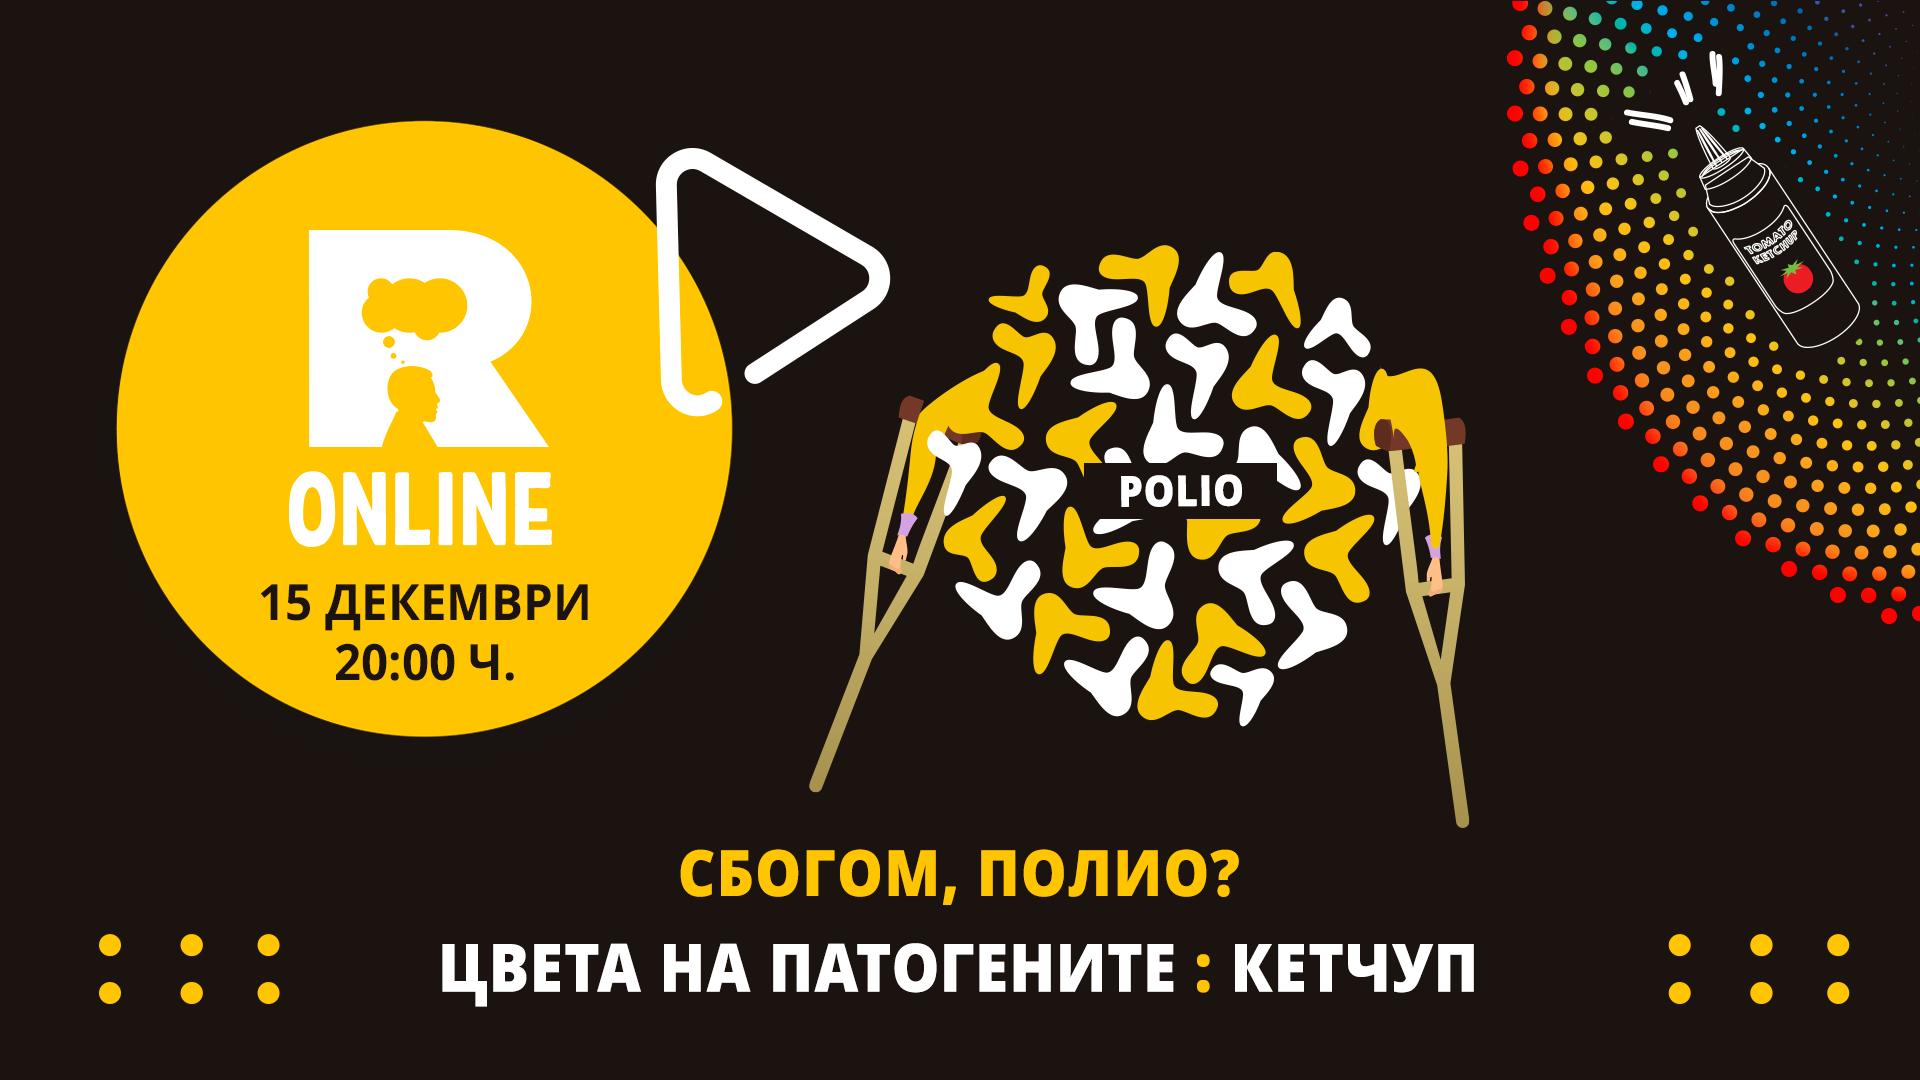 Ratio Online: Полио